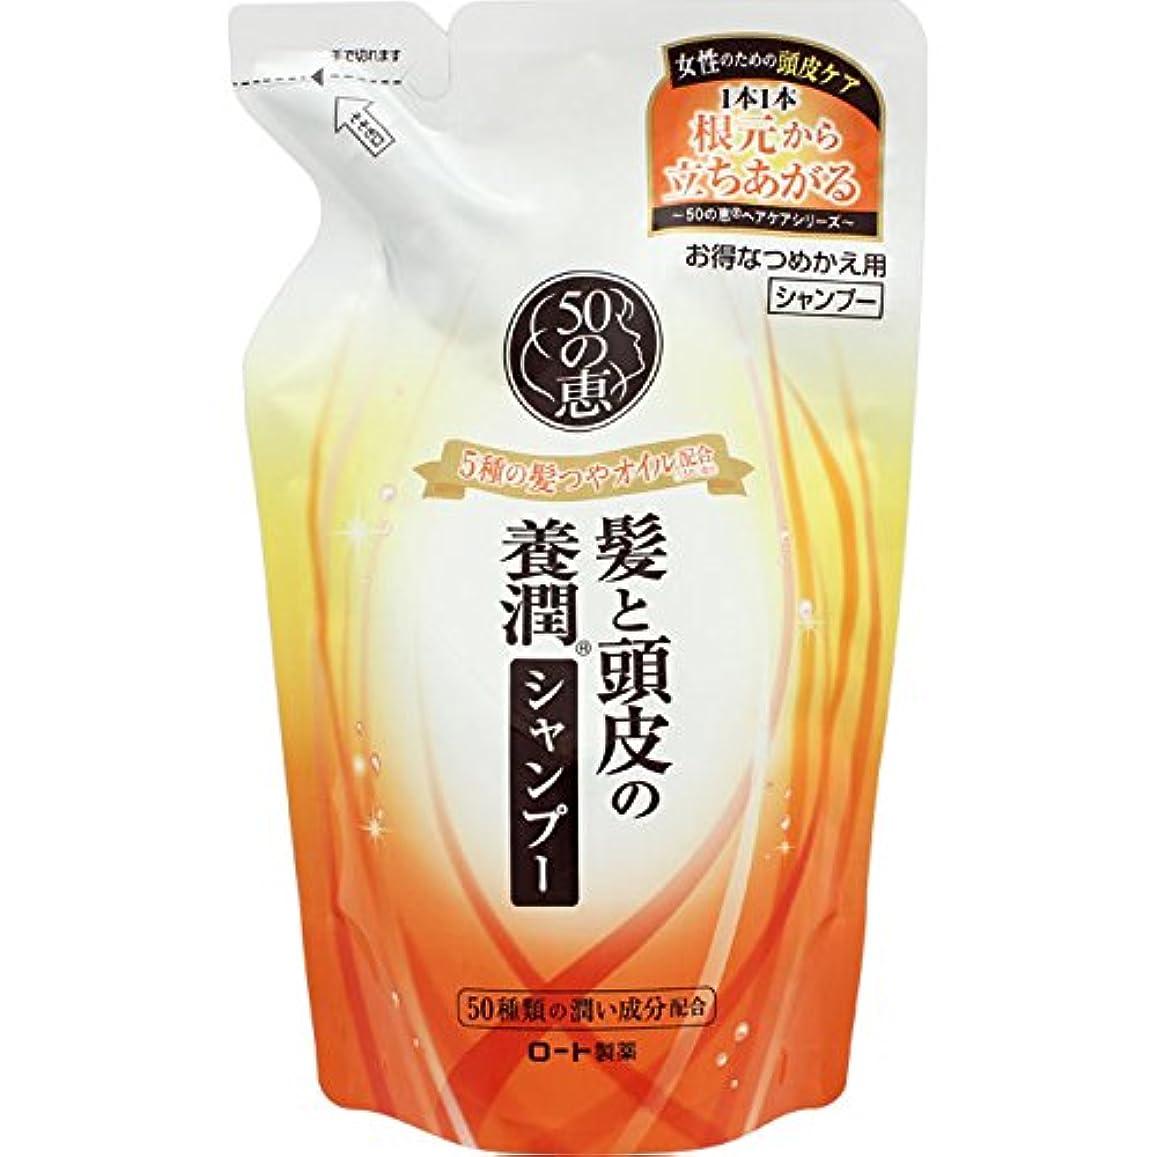 レイアウト胃生じるロート製薬 50の恵エイジングケア 髪と頭皮の養潤シャンプー 詰替用 330mL